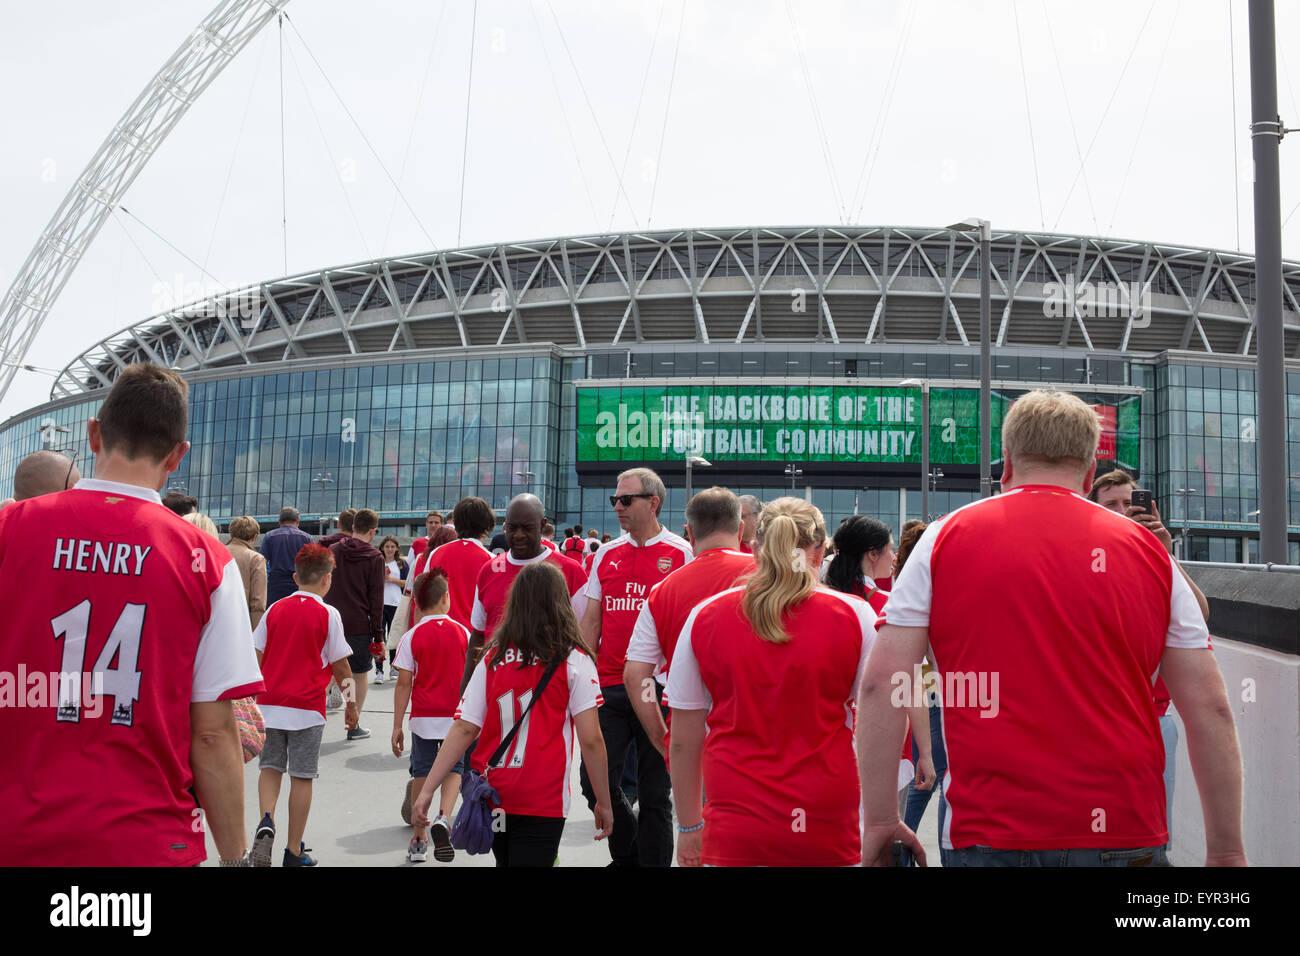 Arsenal-Fußball-Fans in Richtung zum Wembley-Stadion um den Community Shield 2015 zu sehen Stockbild